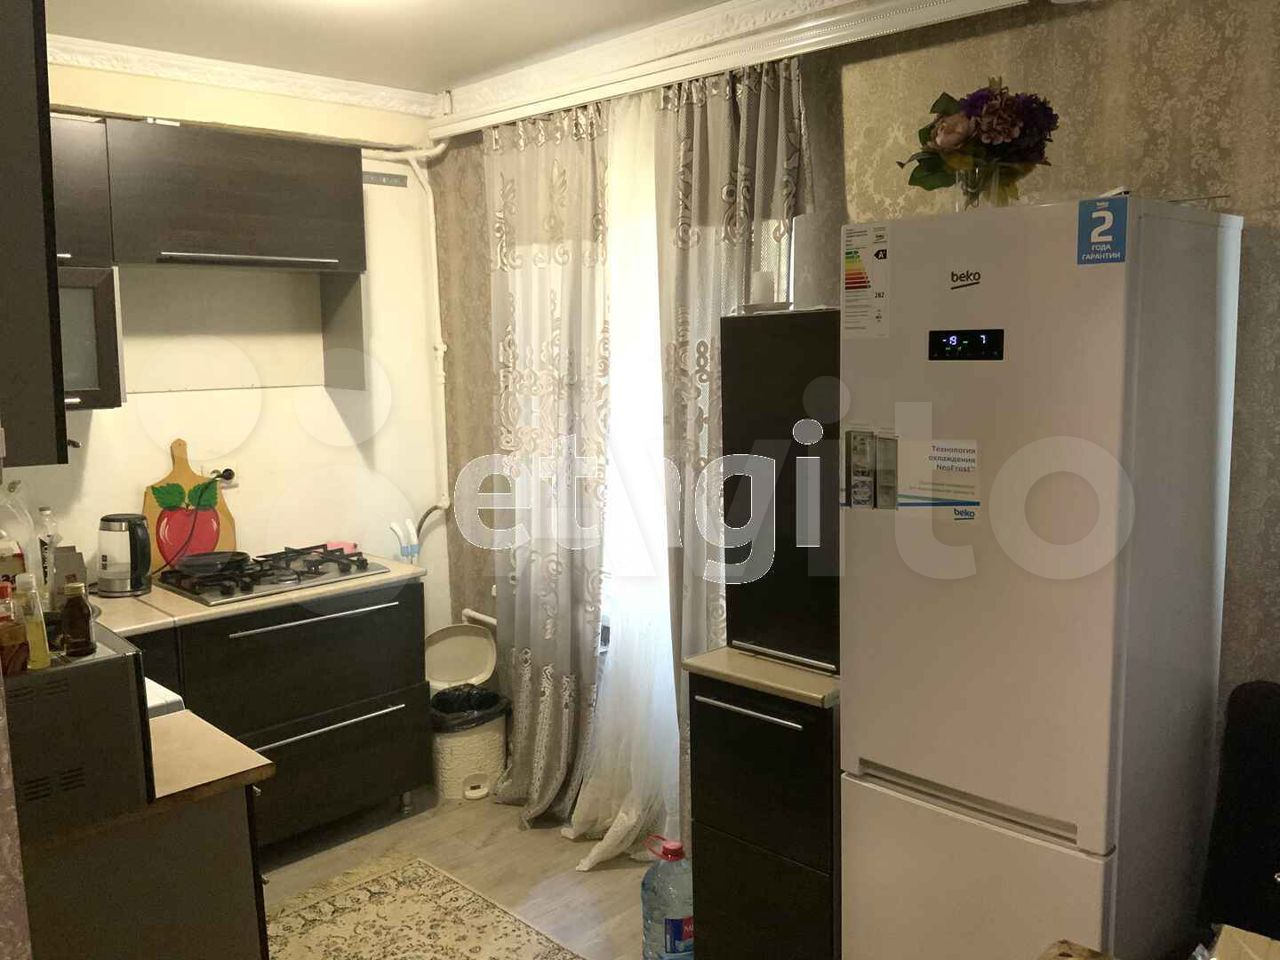 2-к квартира, 48 м², 1/5 эт.  89882912334 купить 2